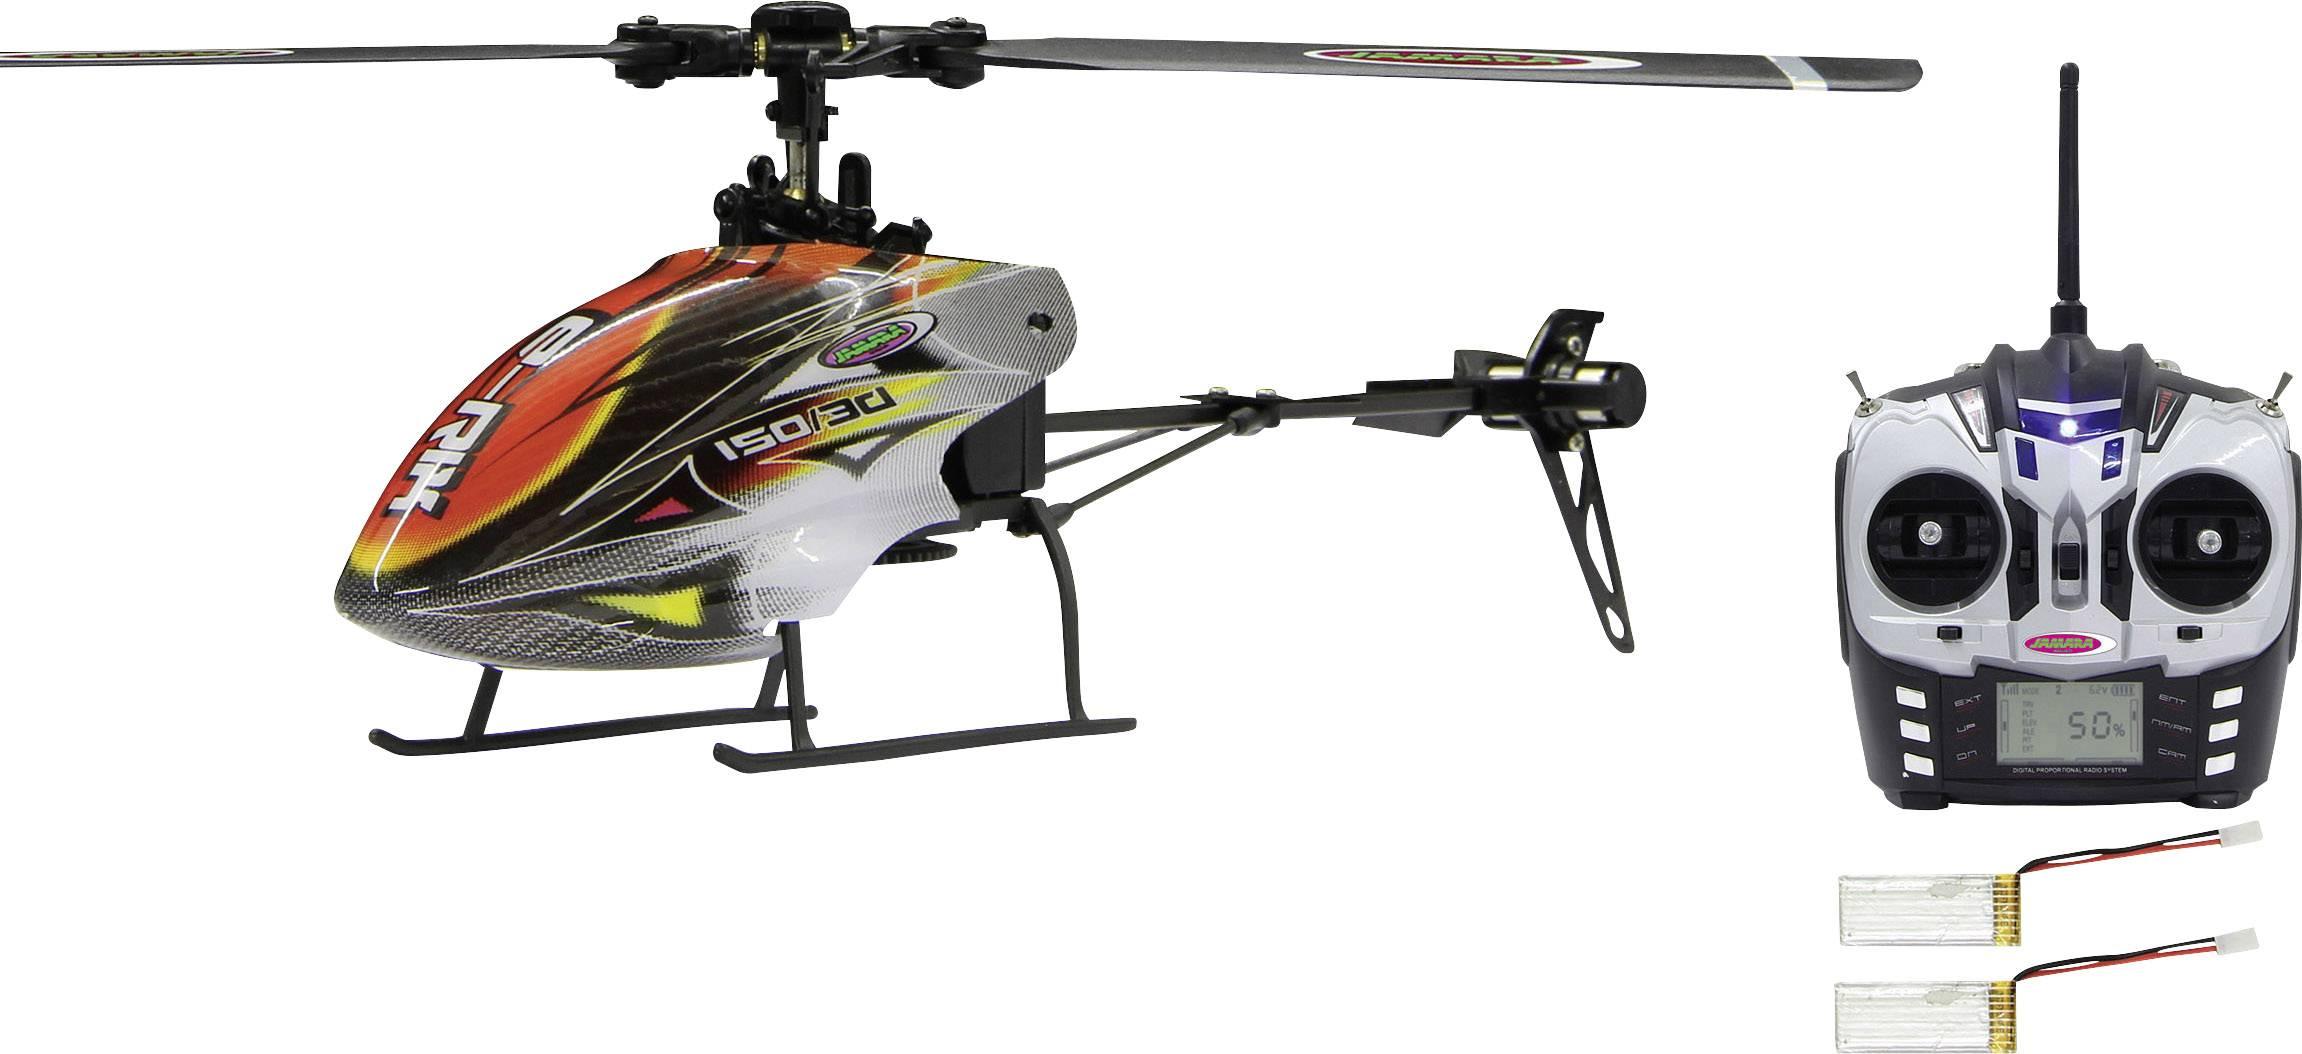 Elicottero 3d Model : D rendono l illustrazione di un elicottero dorato illustrazione